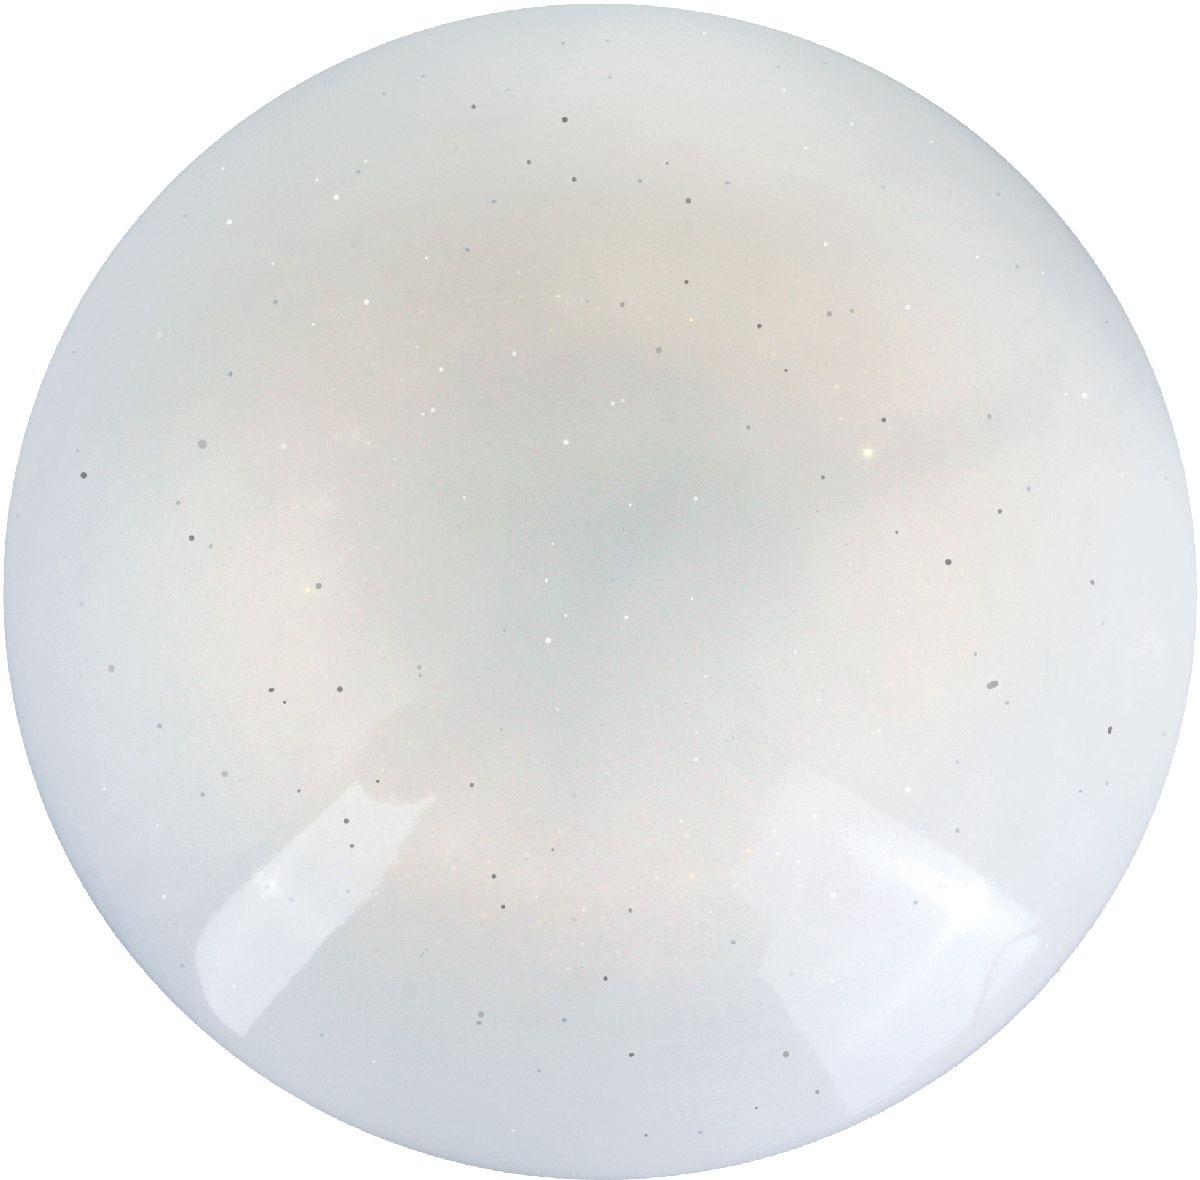 Светильник настенно-потолочный Camelion LBS-0503, LED, 24W, 4500K. 1268512685